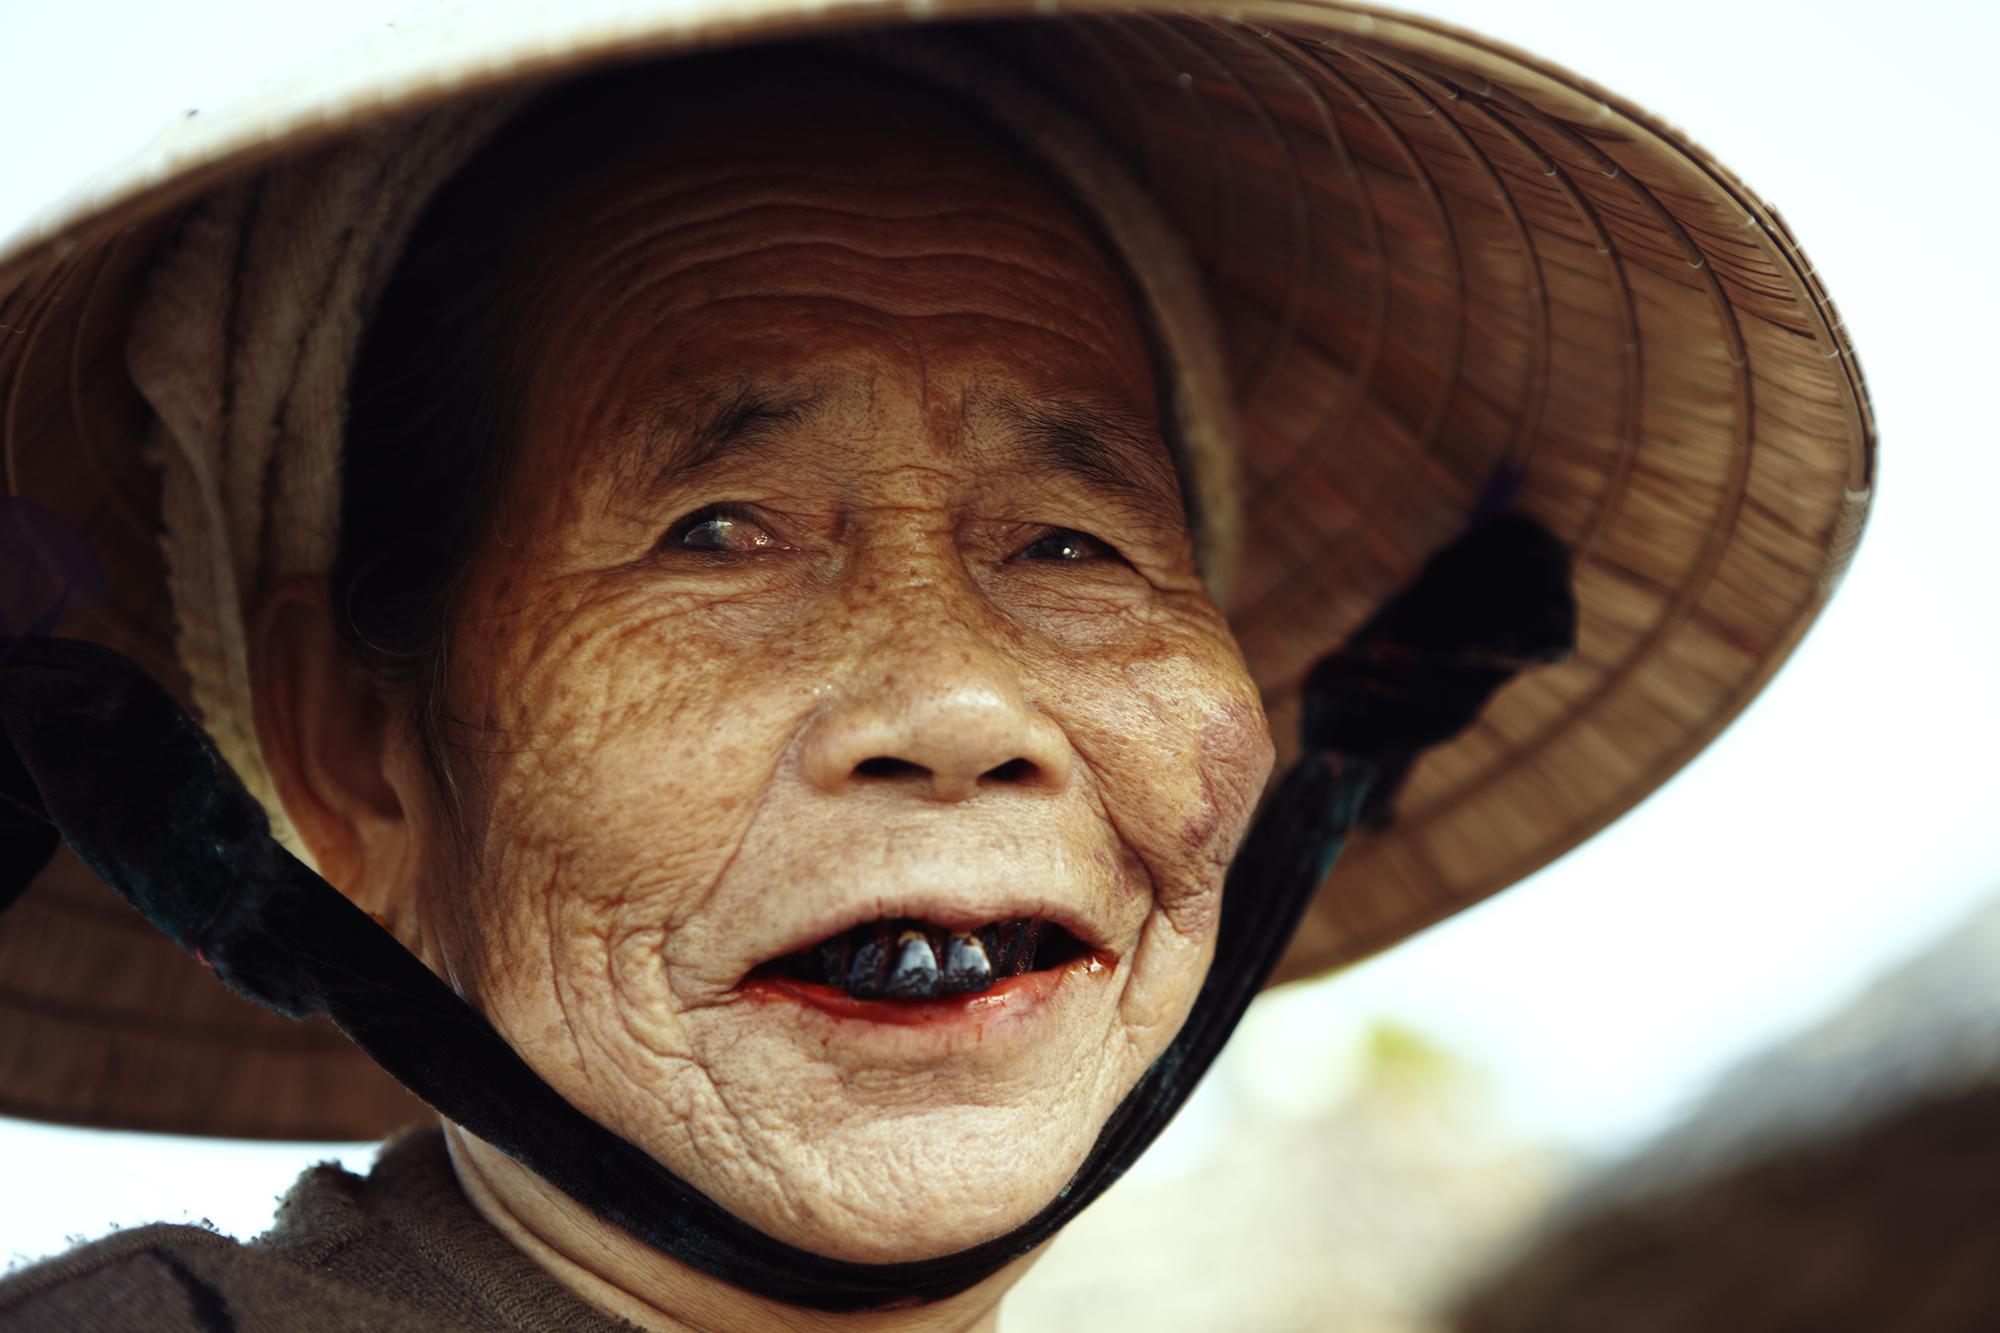 Alexander_Savvas_Vietnam_001